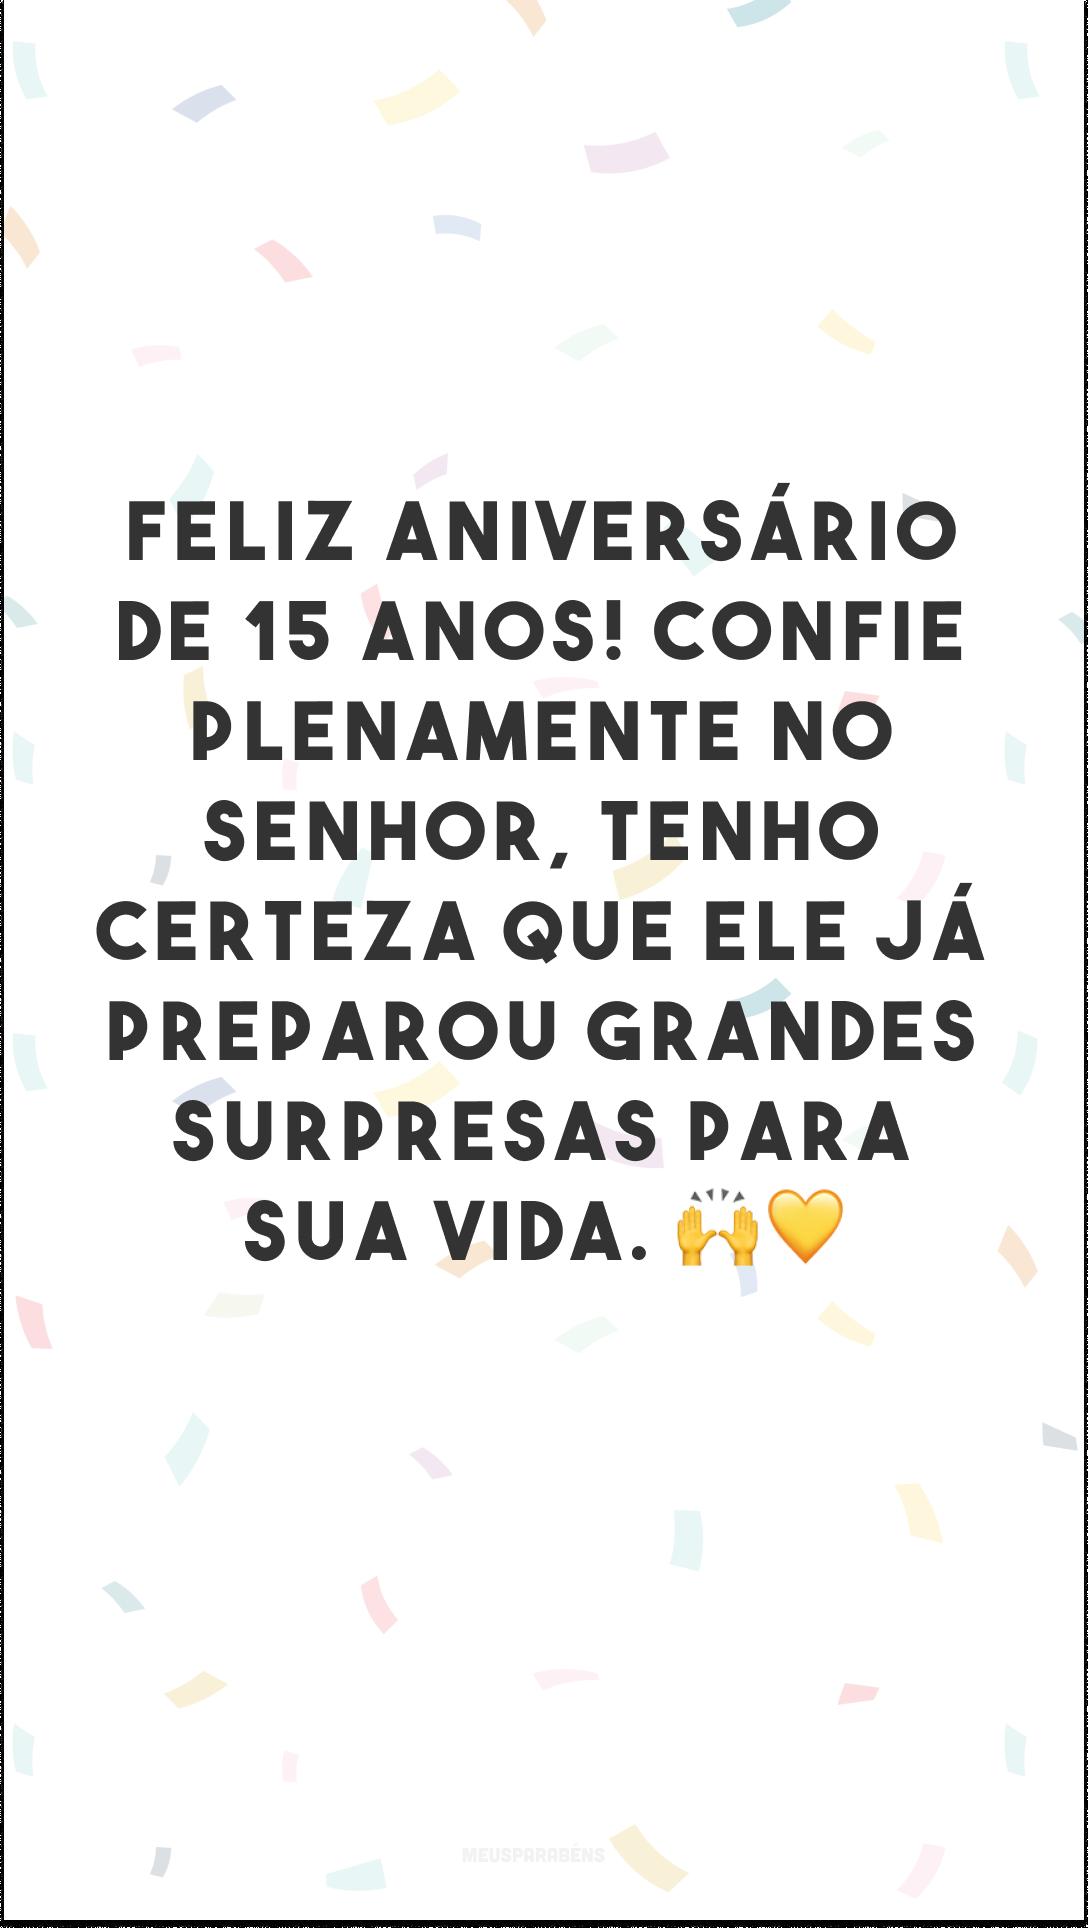 Feliz aniversário de 15 anos! Confie plenamente no Senhor, tenho certeza que Ele já preparou grandes surpresas para sua vida. 🙌💛